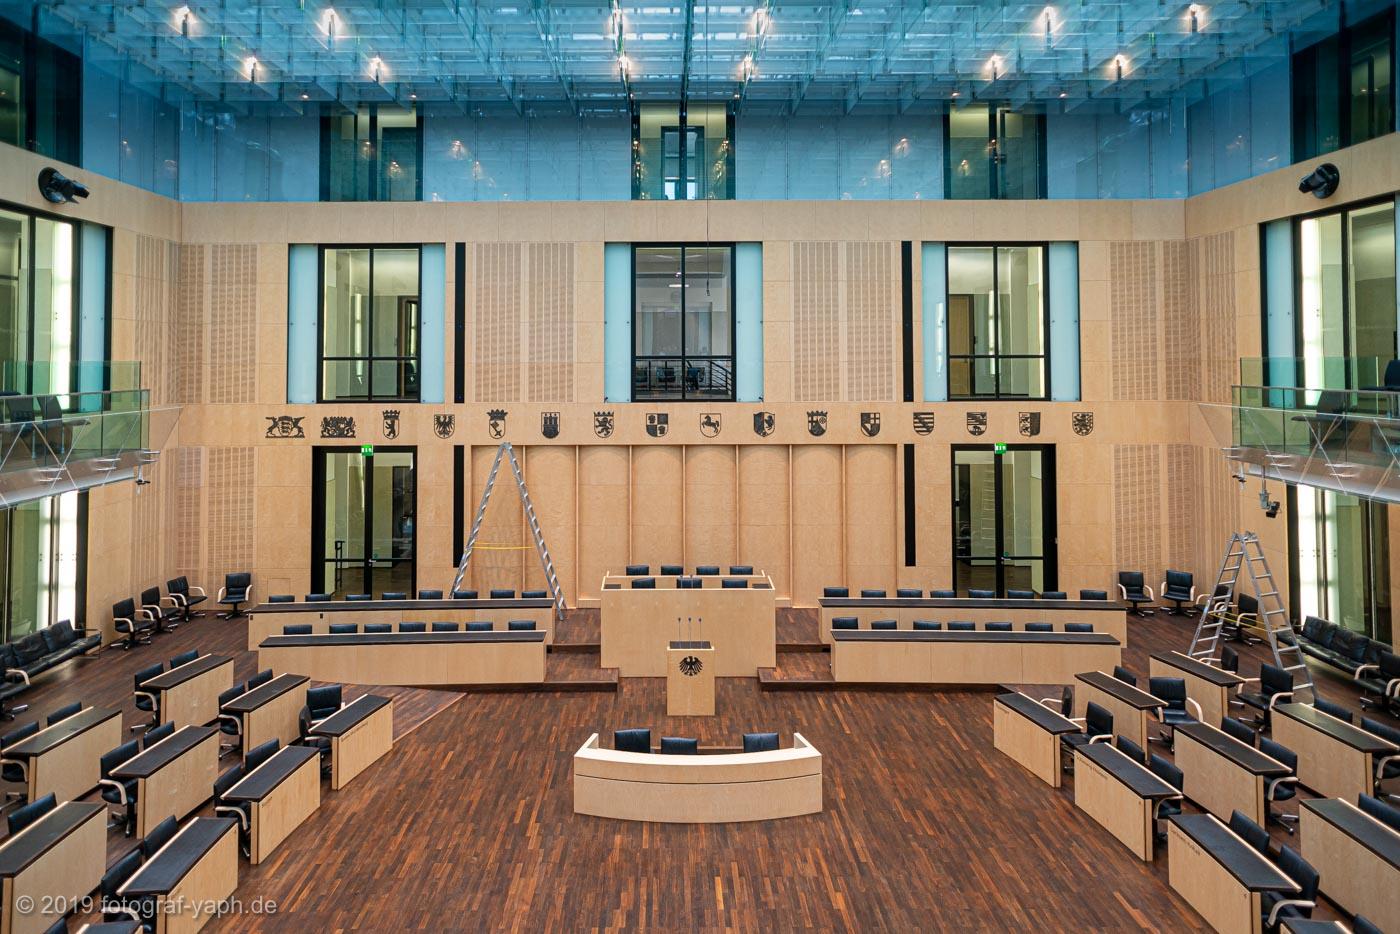 Bundesrat Sitzungssaal fotografiert von Yaph